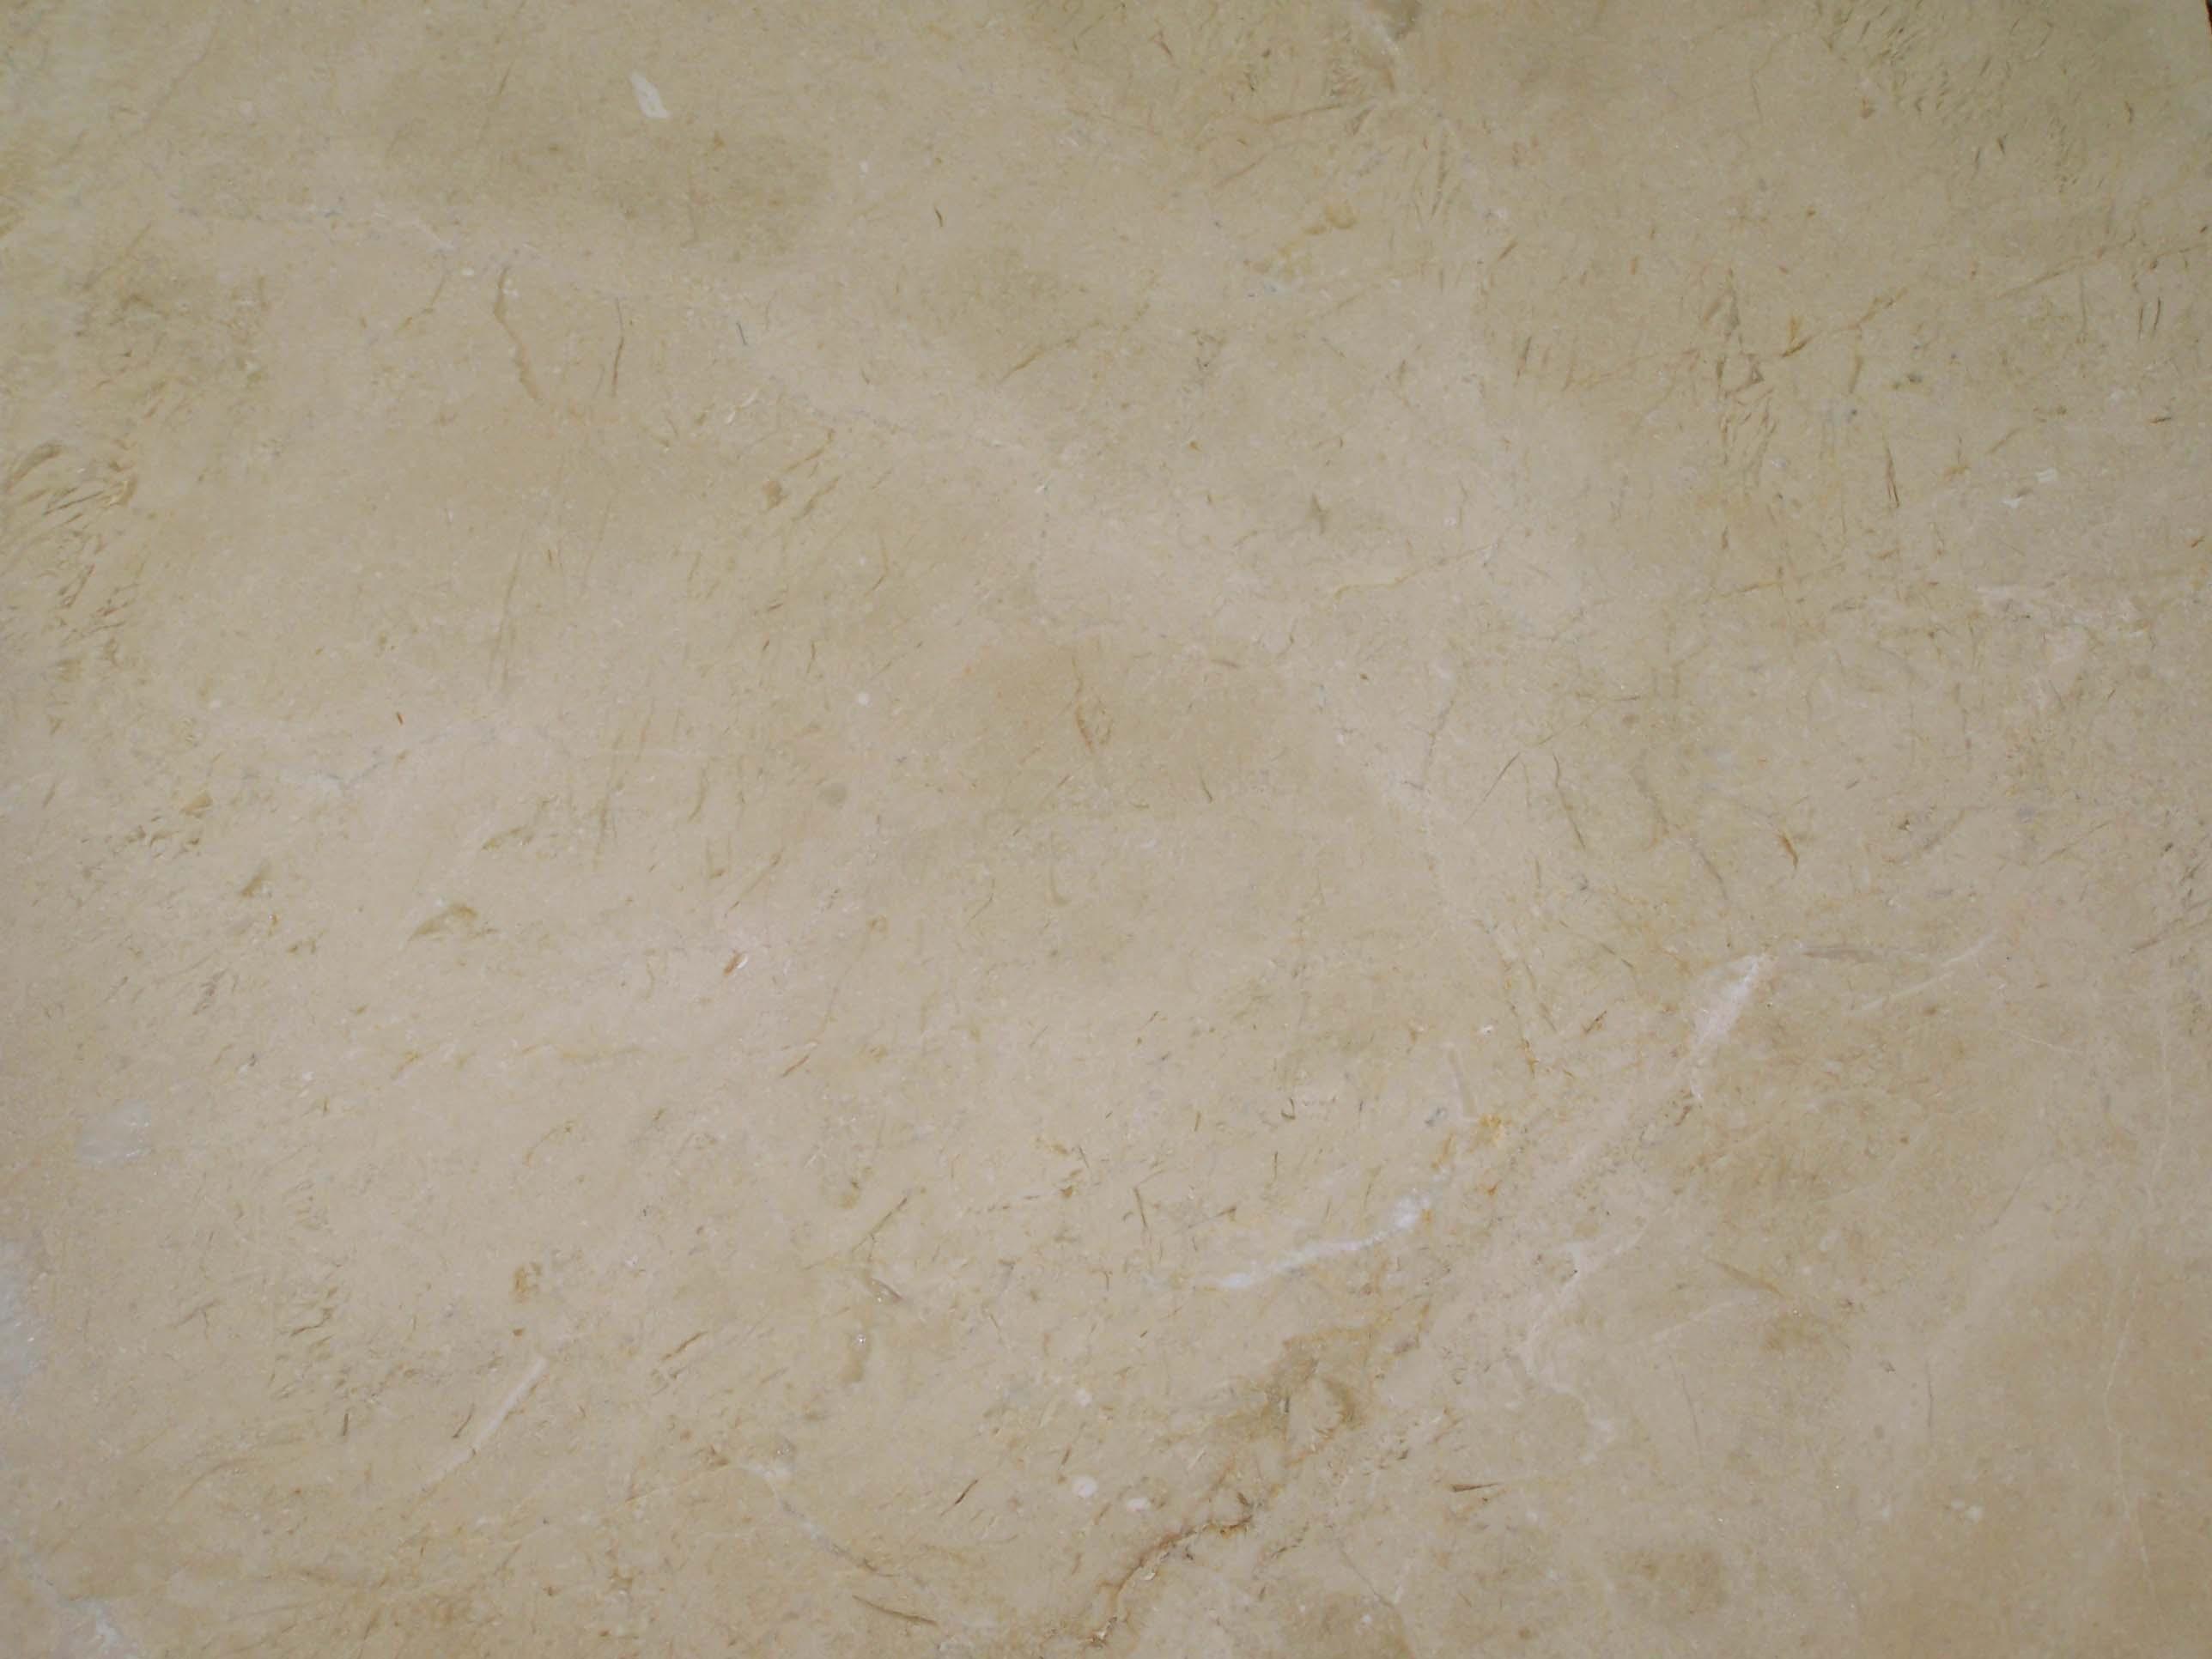 Crema marfil losas m rmol identificaci n del producto 104342017 for Marmol color marfil